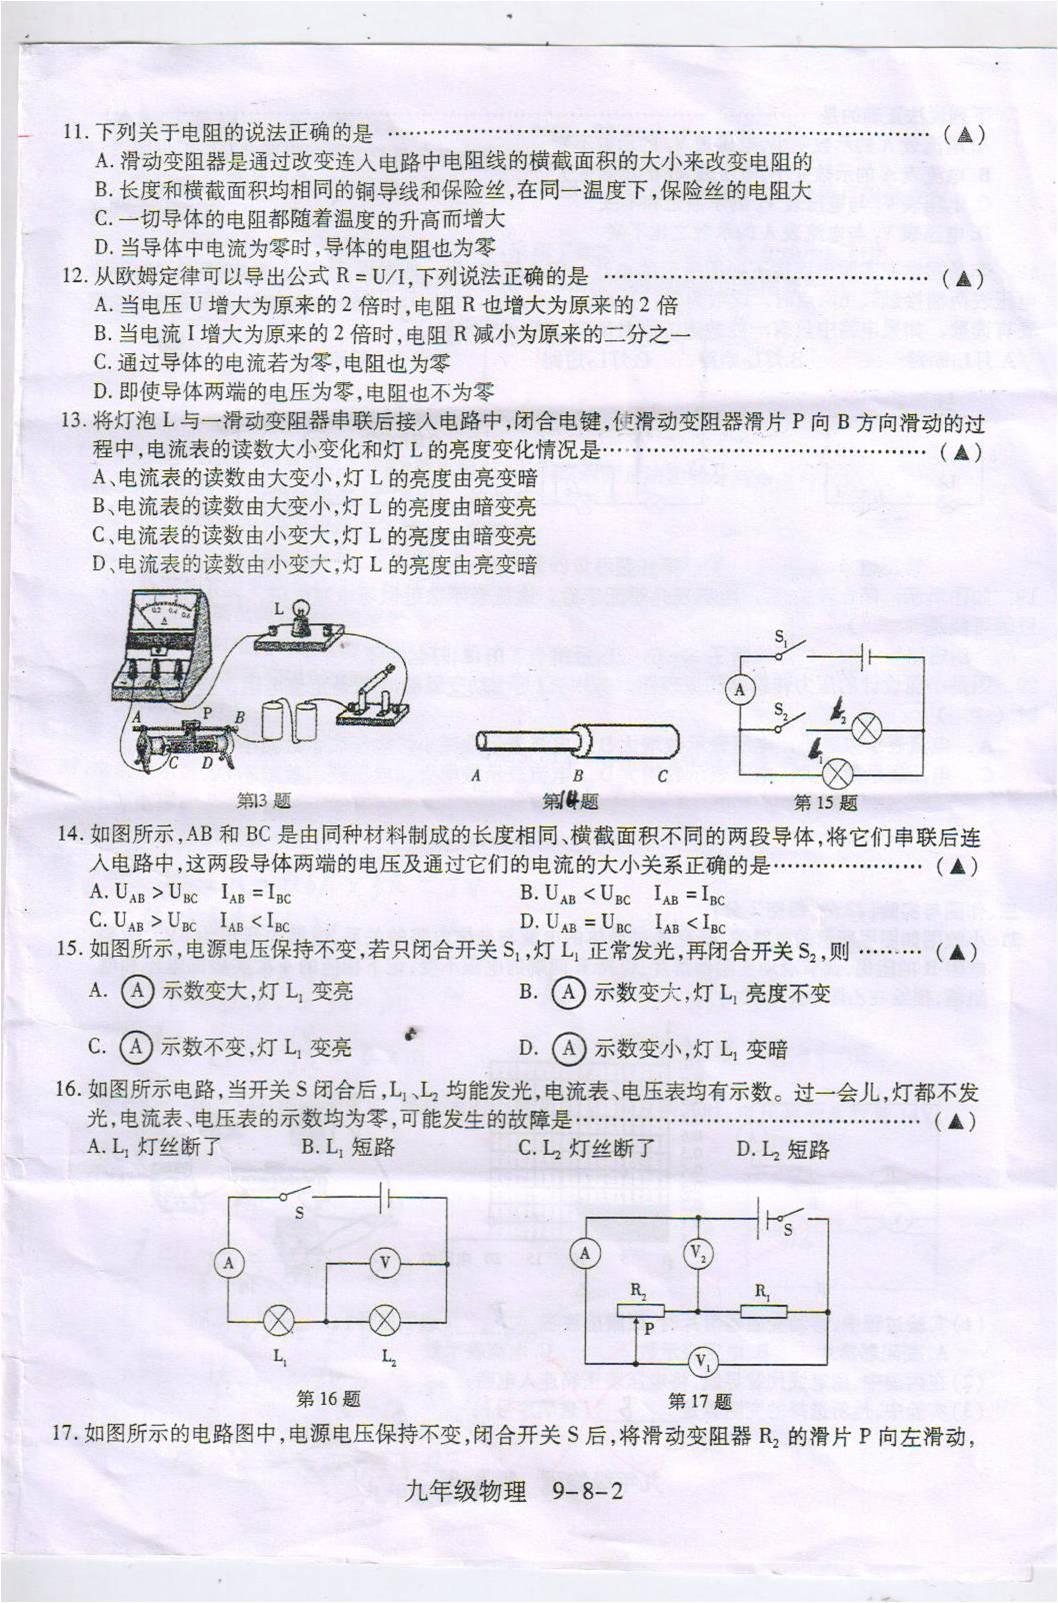 合肥三十八中九年级物理知识与能力单元测试卷——探究电路(2)